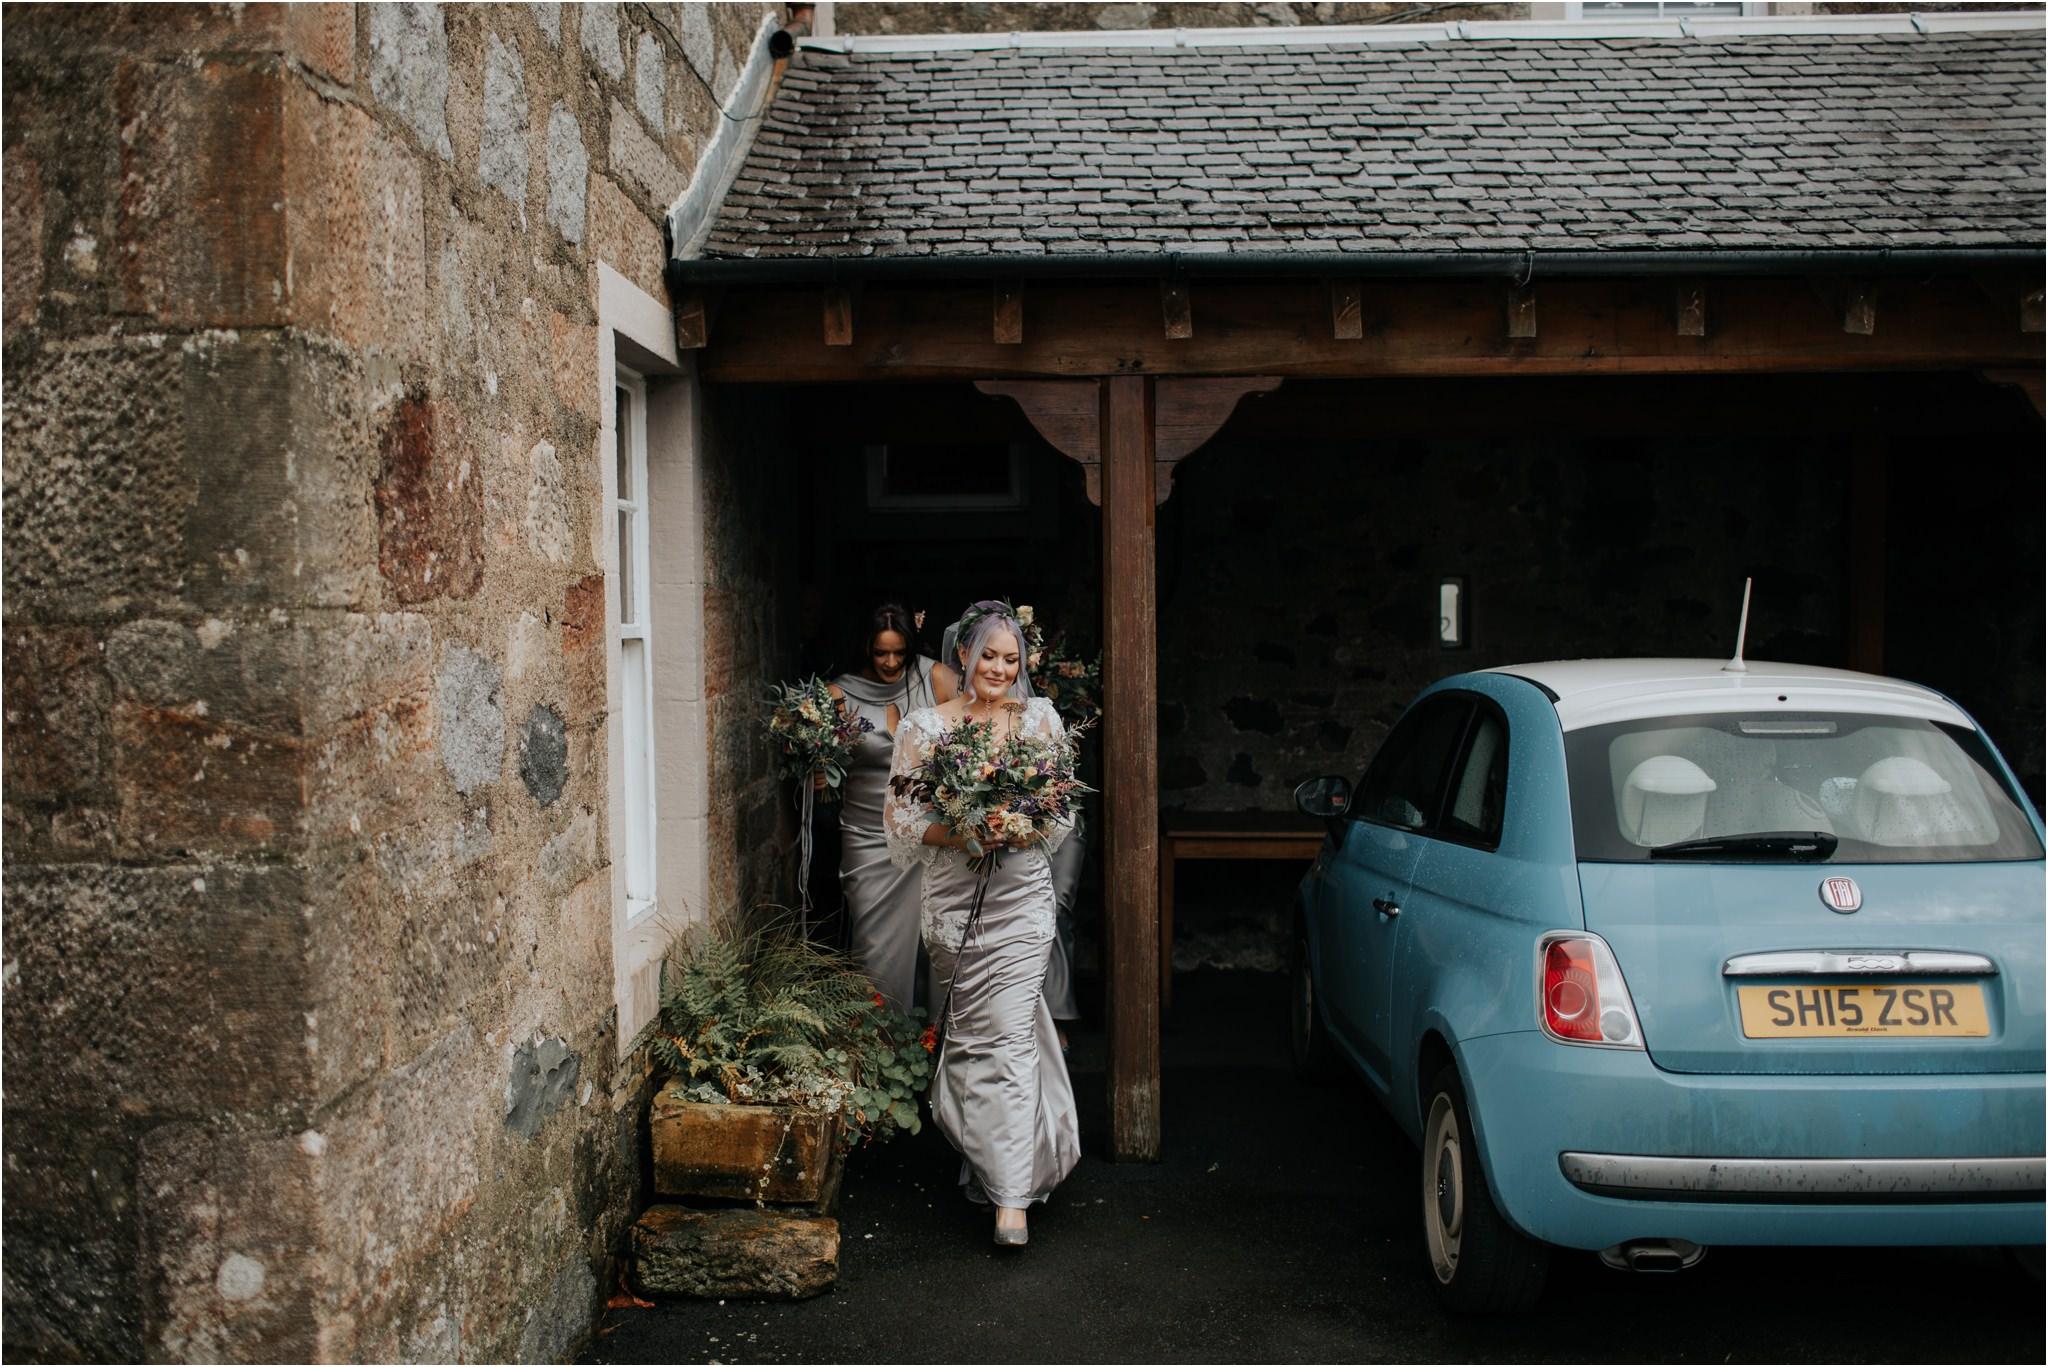 Photography 78 - Glasgow Wedding Photographer - Pete & Eilidh - Dalduff Farm_0032.jpg